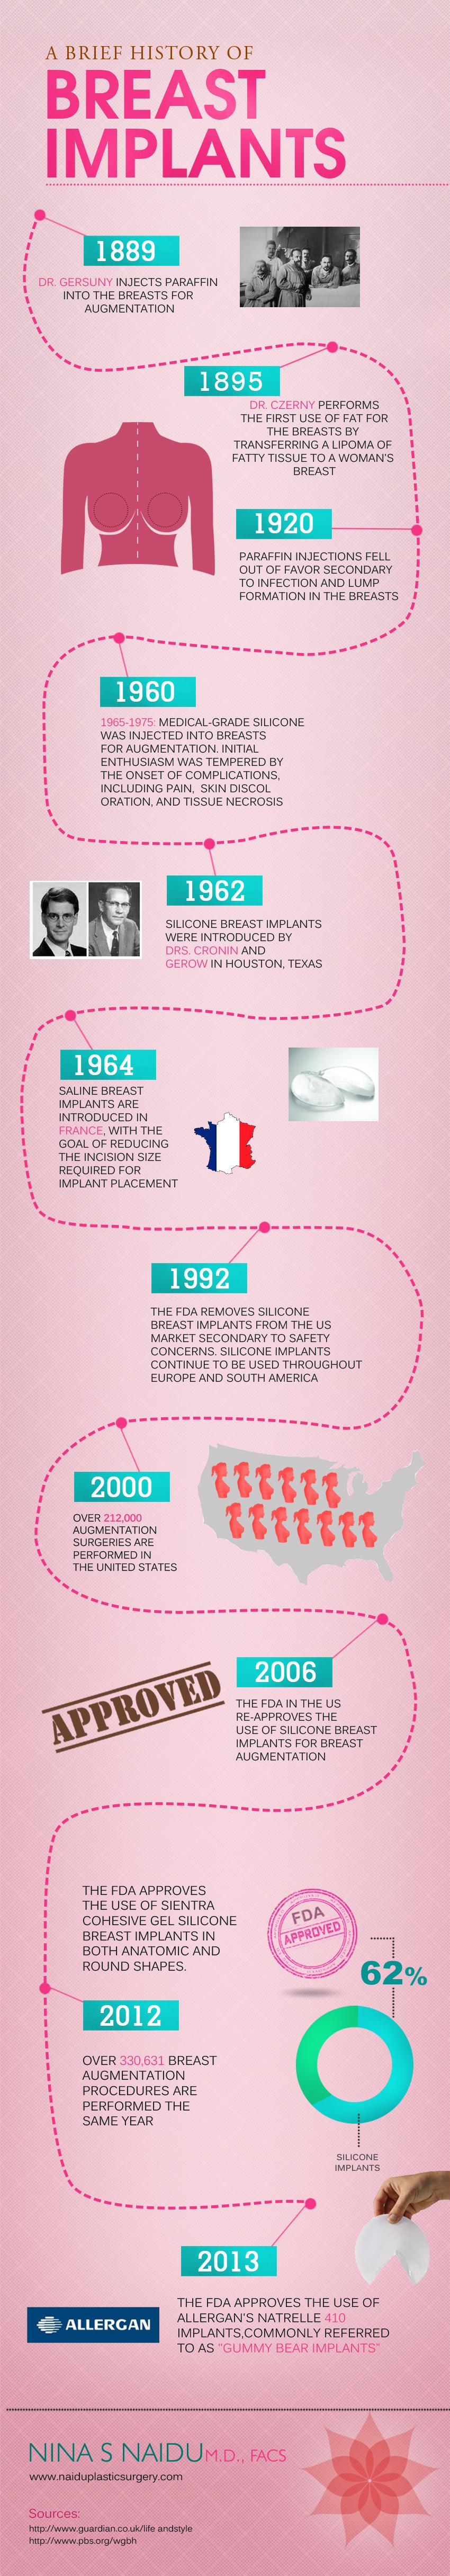 a-brief-history-of-breast-implants_52605fa16672e